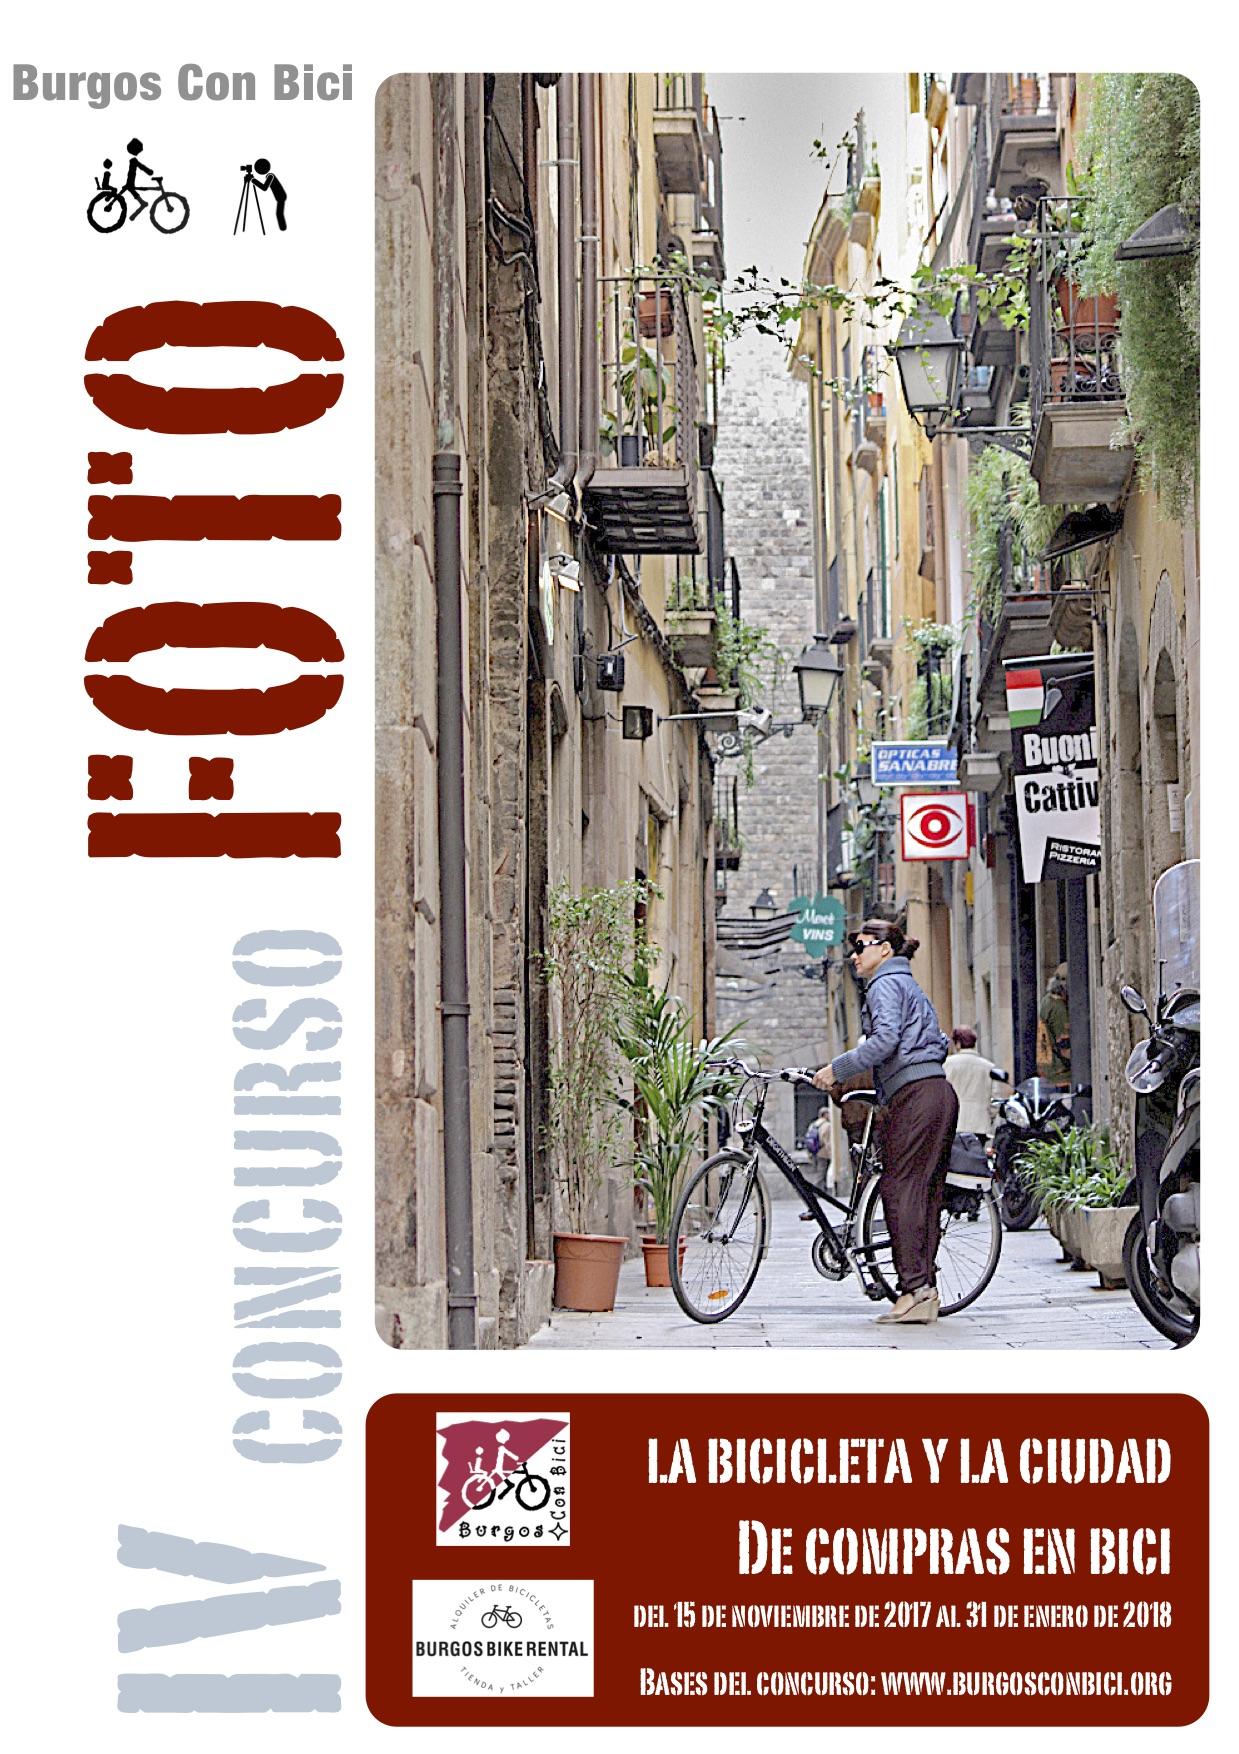 Carted de concurso de fotografía con la imagen de una mujer en bici en una calle estrecha con comercios